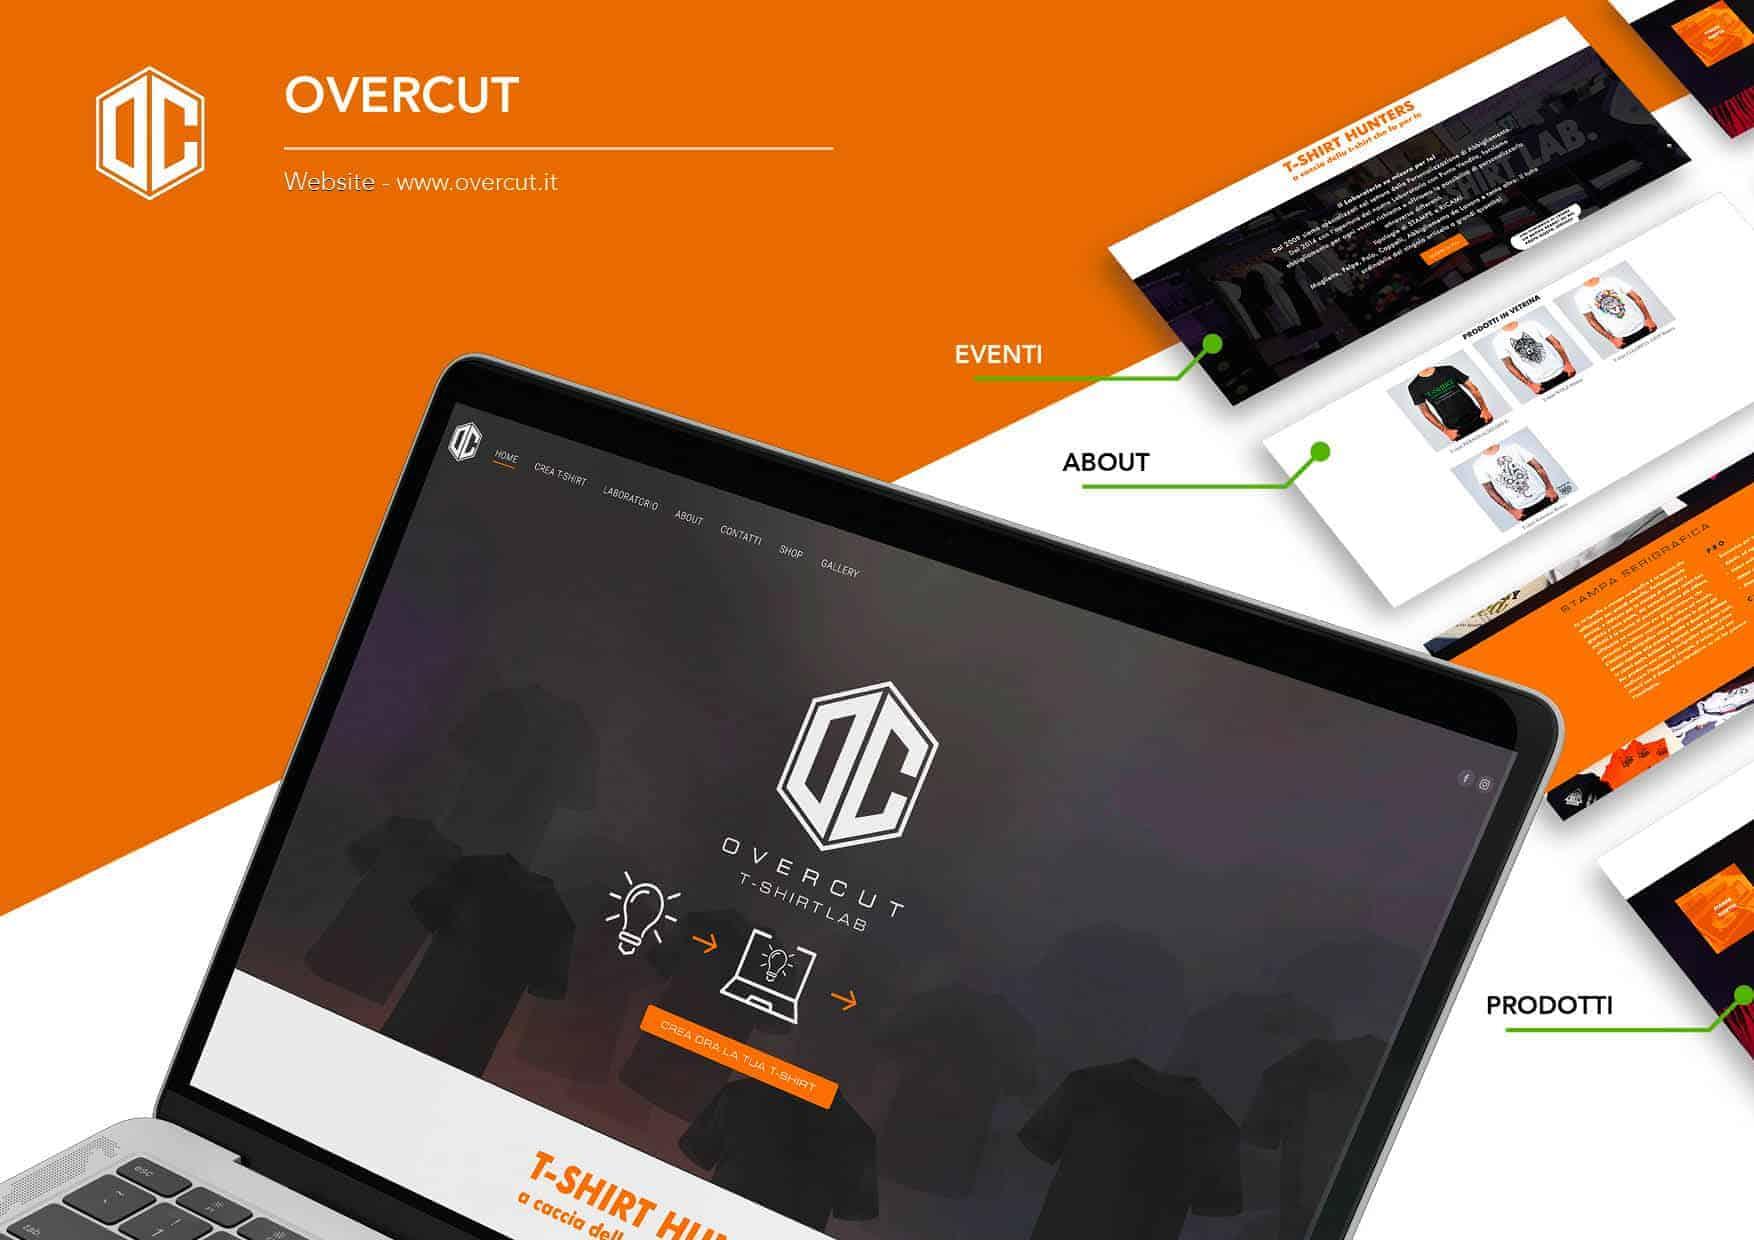 SLIDER_overcut_website_mobile_1